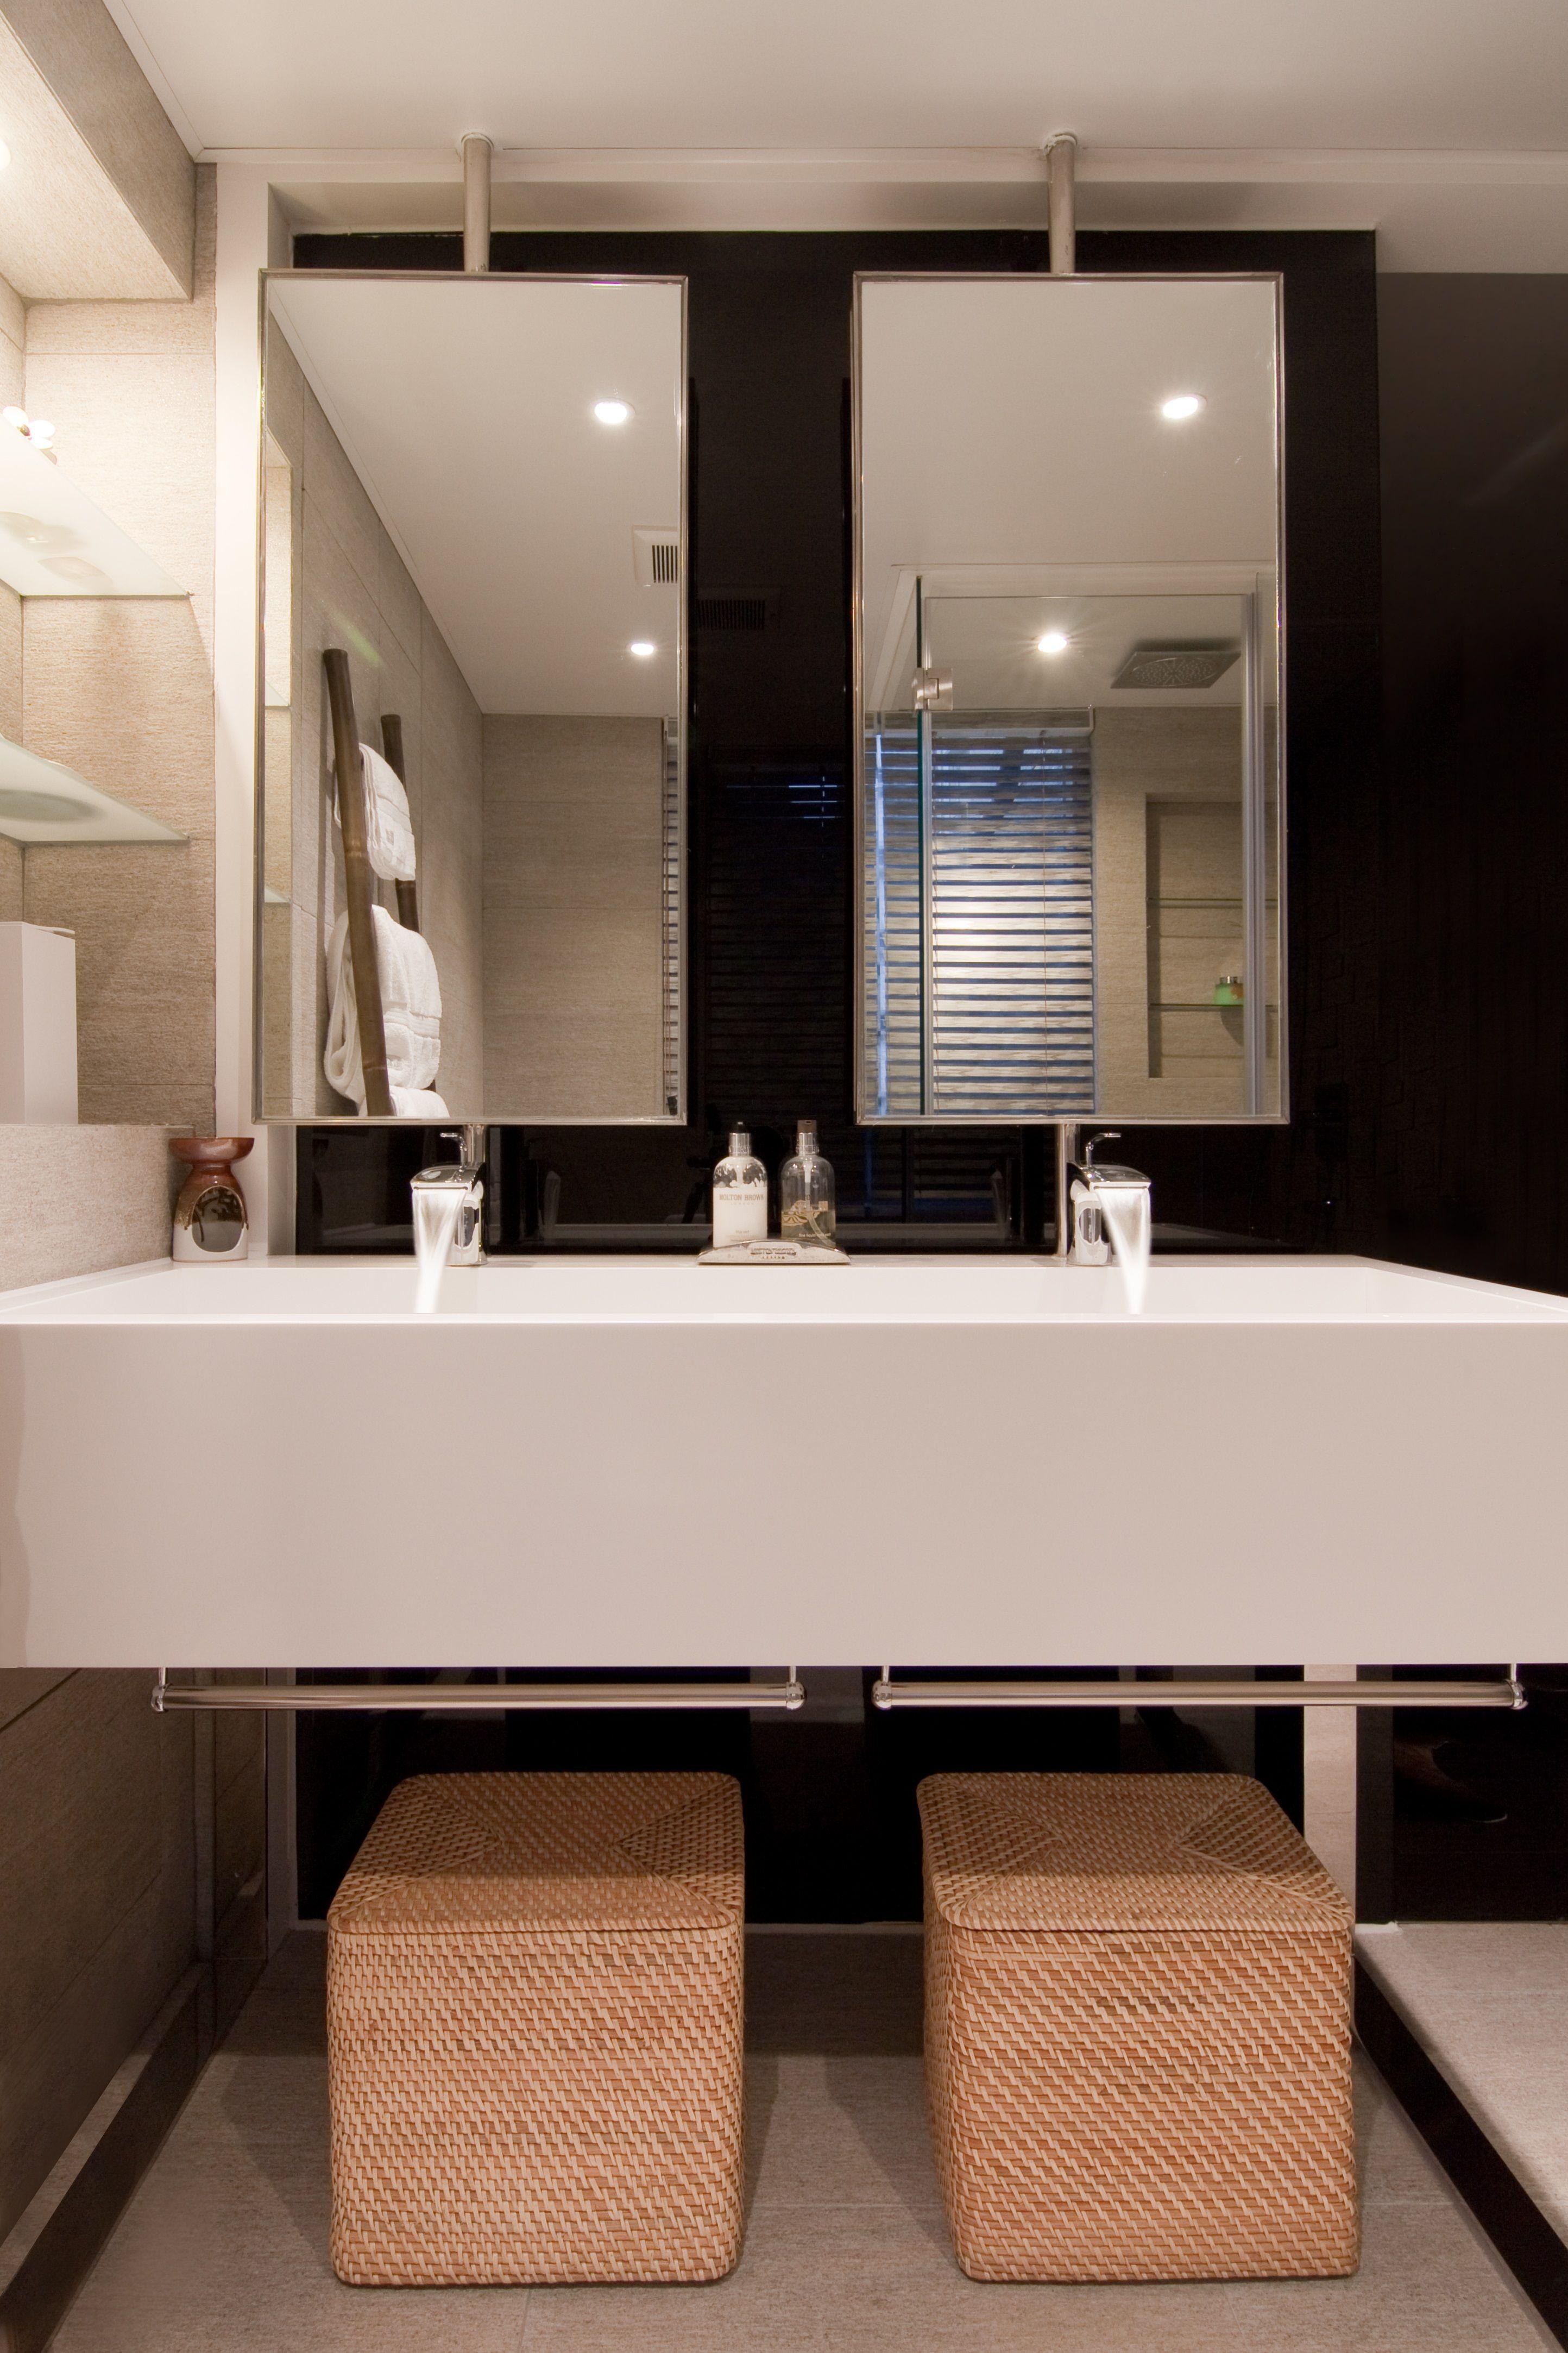 欧式 北欧 简约 现代 温馨 西安 装修 设计 卫生间图片来自翼森设计在一屋一风情的分享